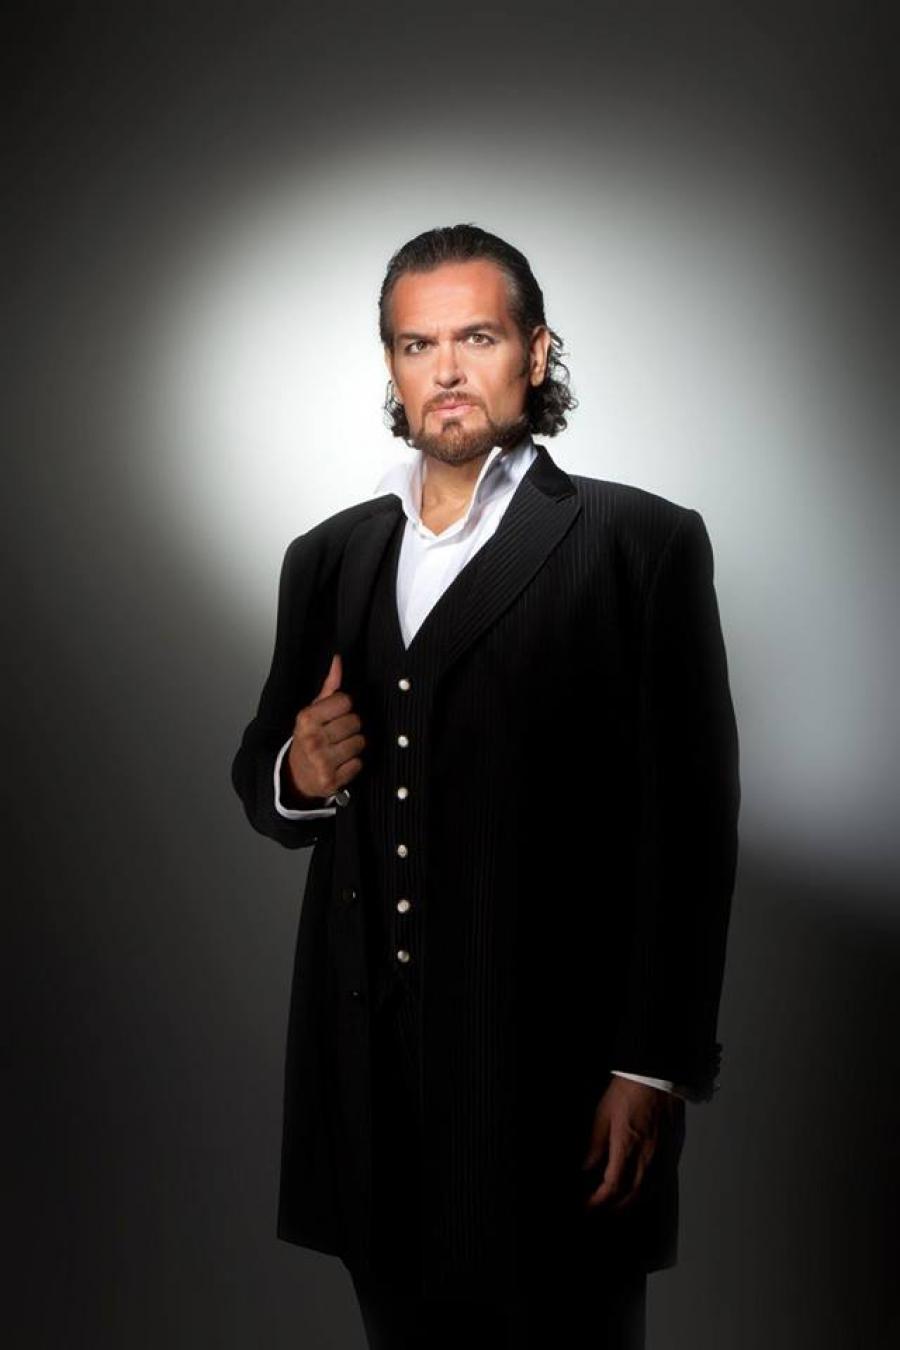 """RICCARDO ZANELLATO in the role of Filippo II - """"Don Carlo"""" - 22 October"""